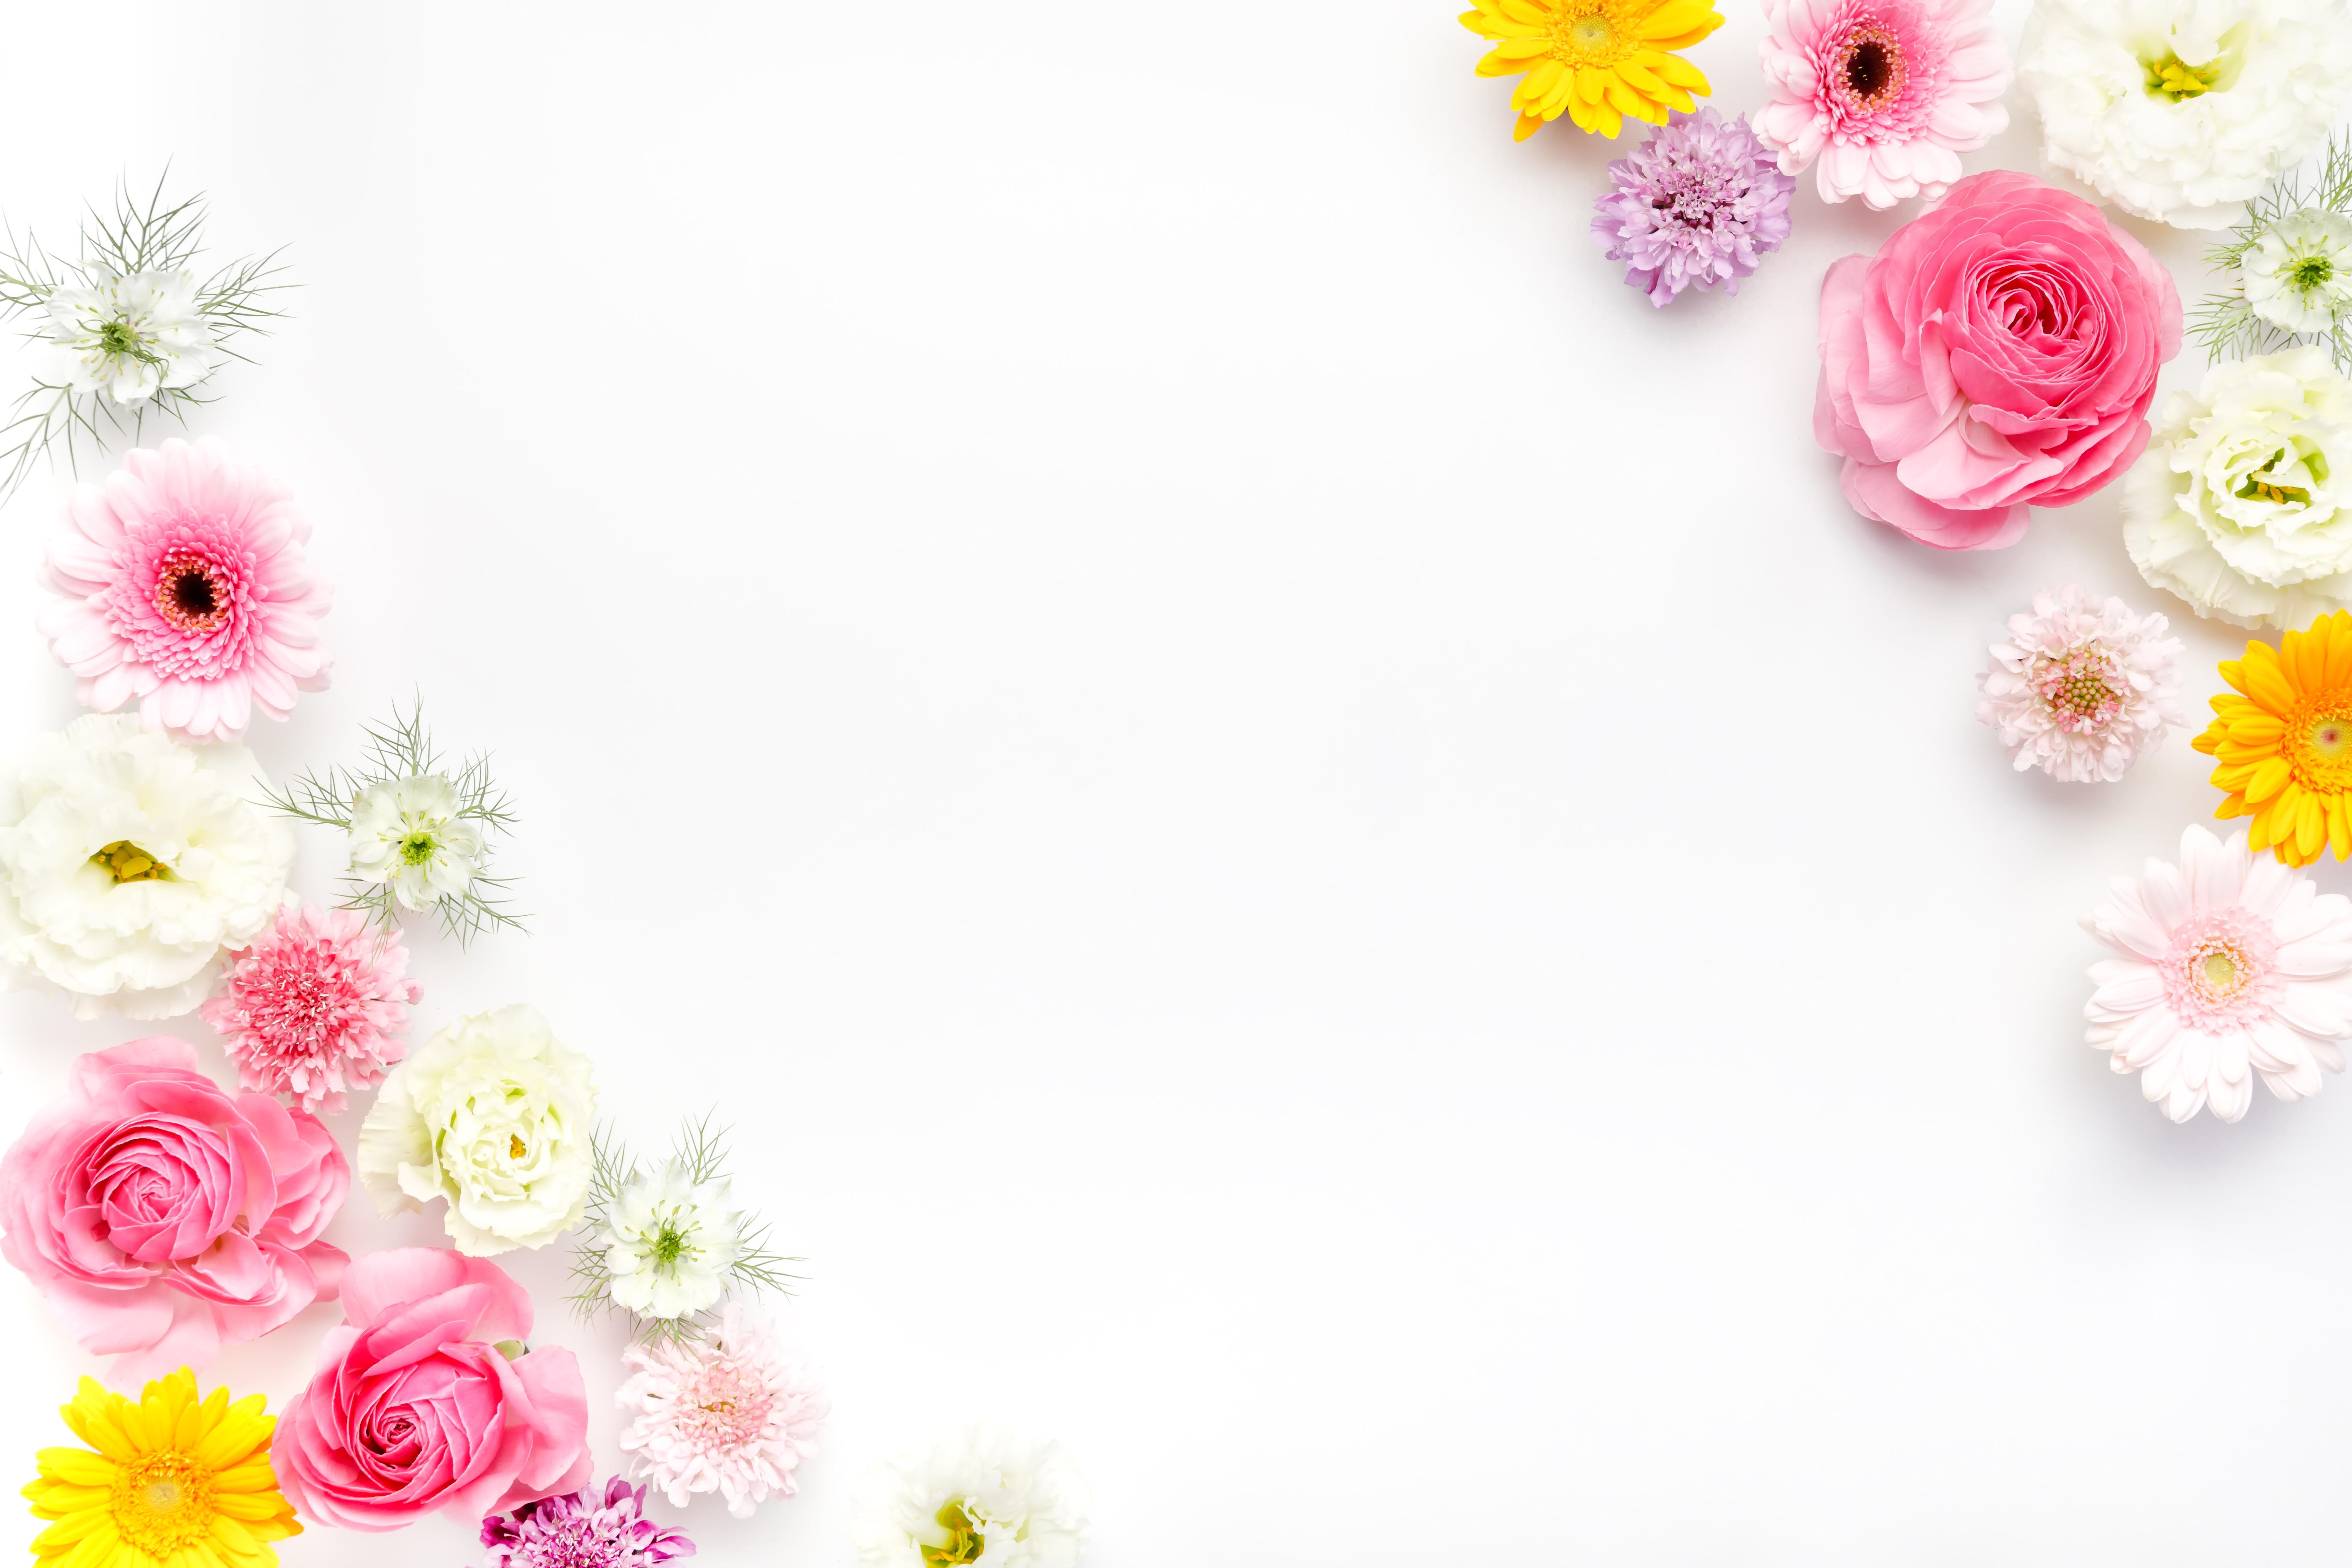 フレーム・背景に使いやすい薔薇や生花 ぱくたそフリー素材